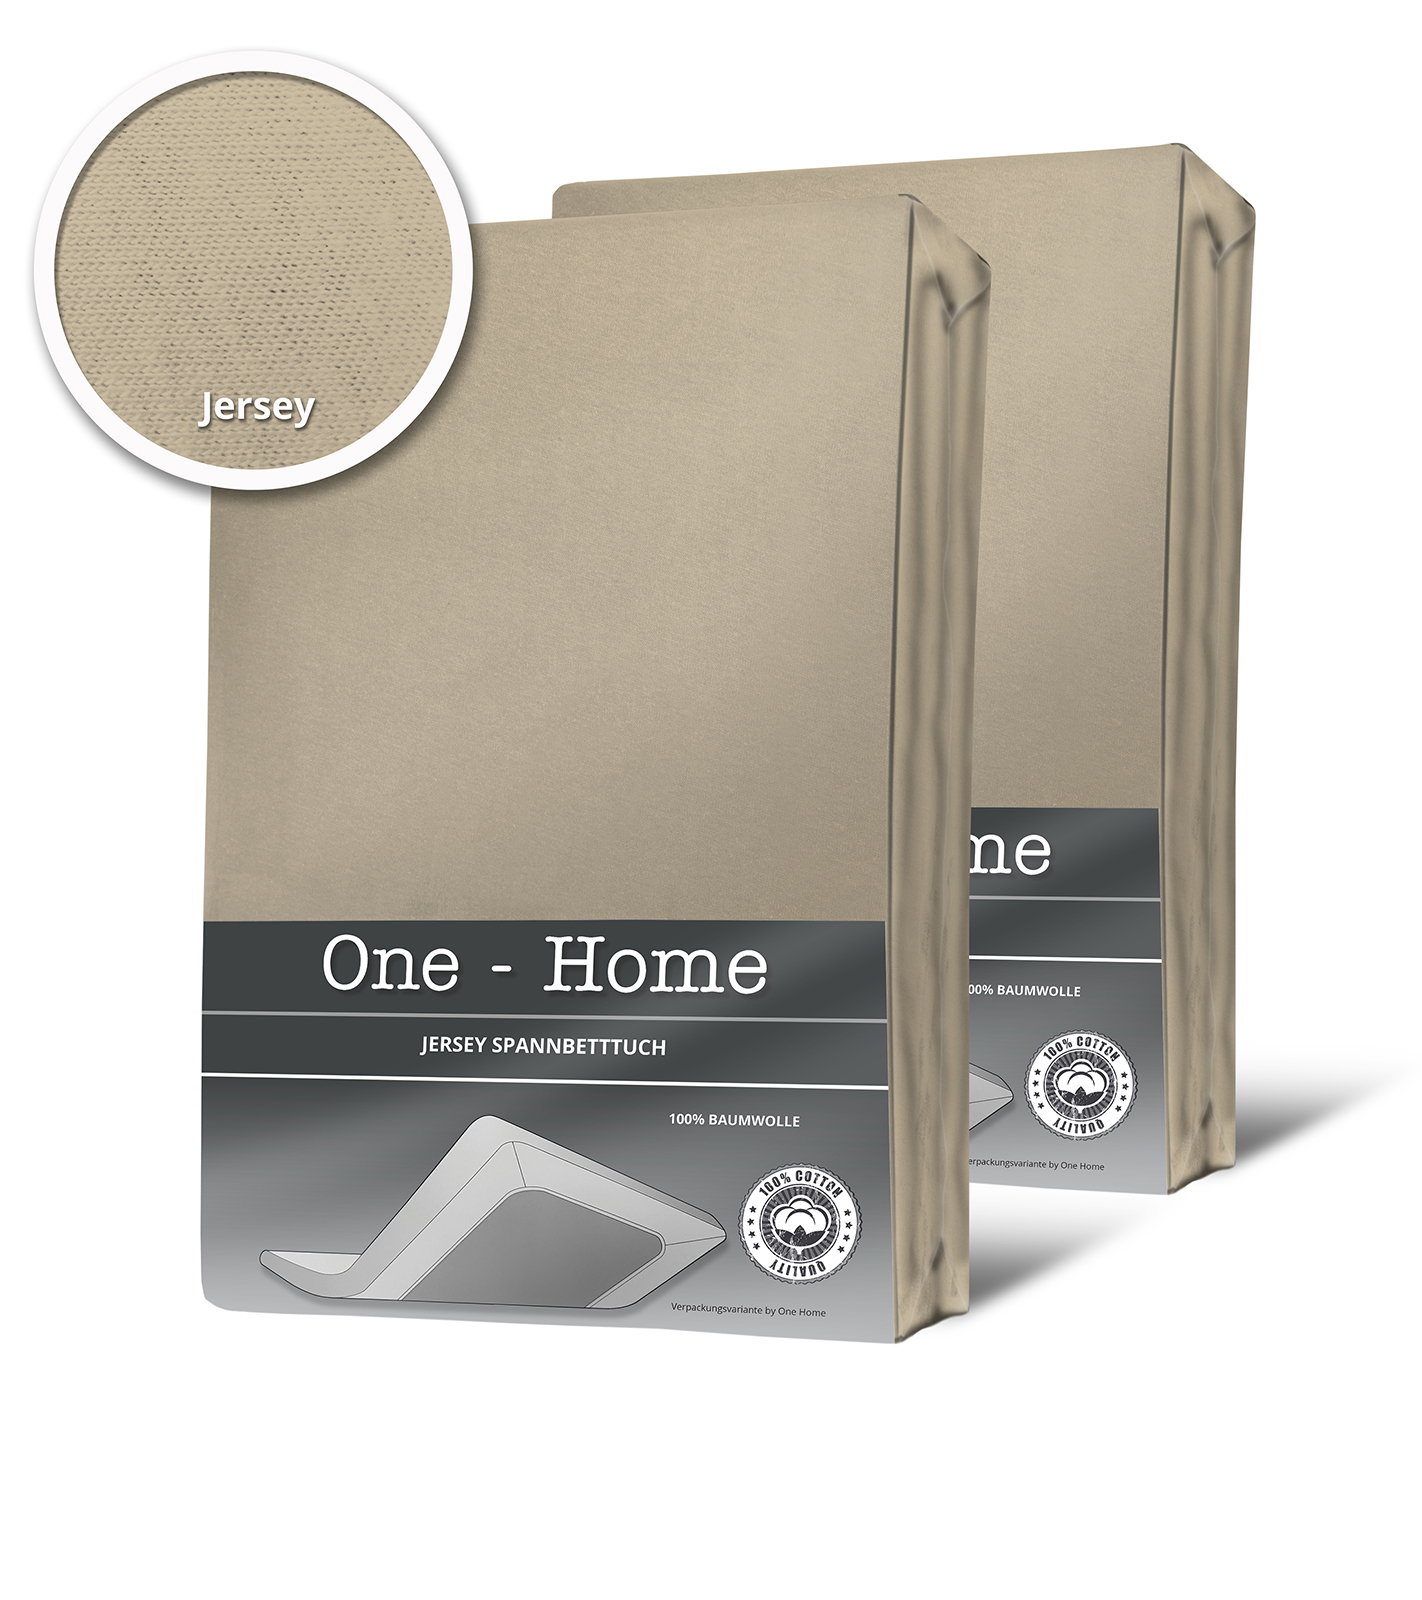 2er pack spannbettlaken bettlaken beige sand 90x200 cm 100x200 cm baumwolle spannbettlaken. Black Bedroom Furniture Sets. Home Design Ideas